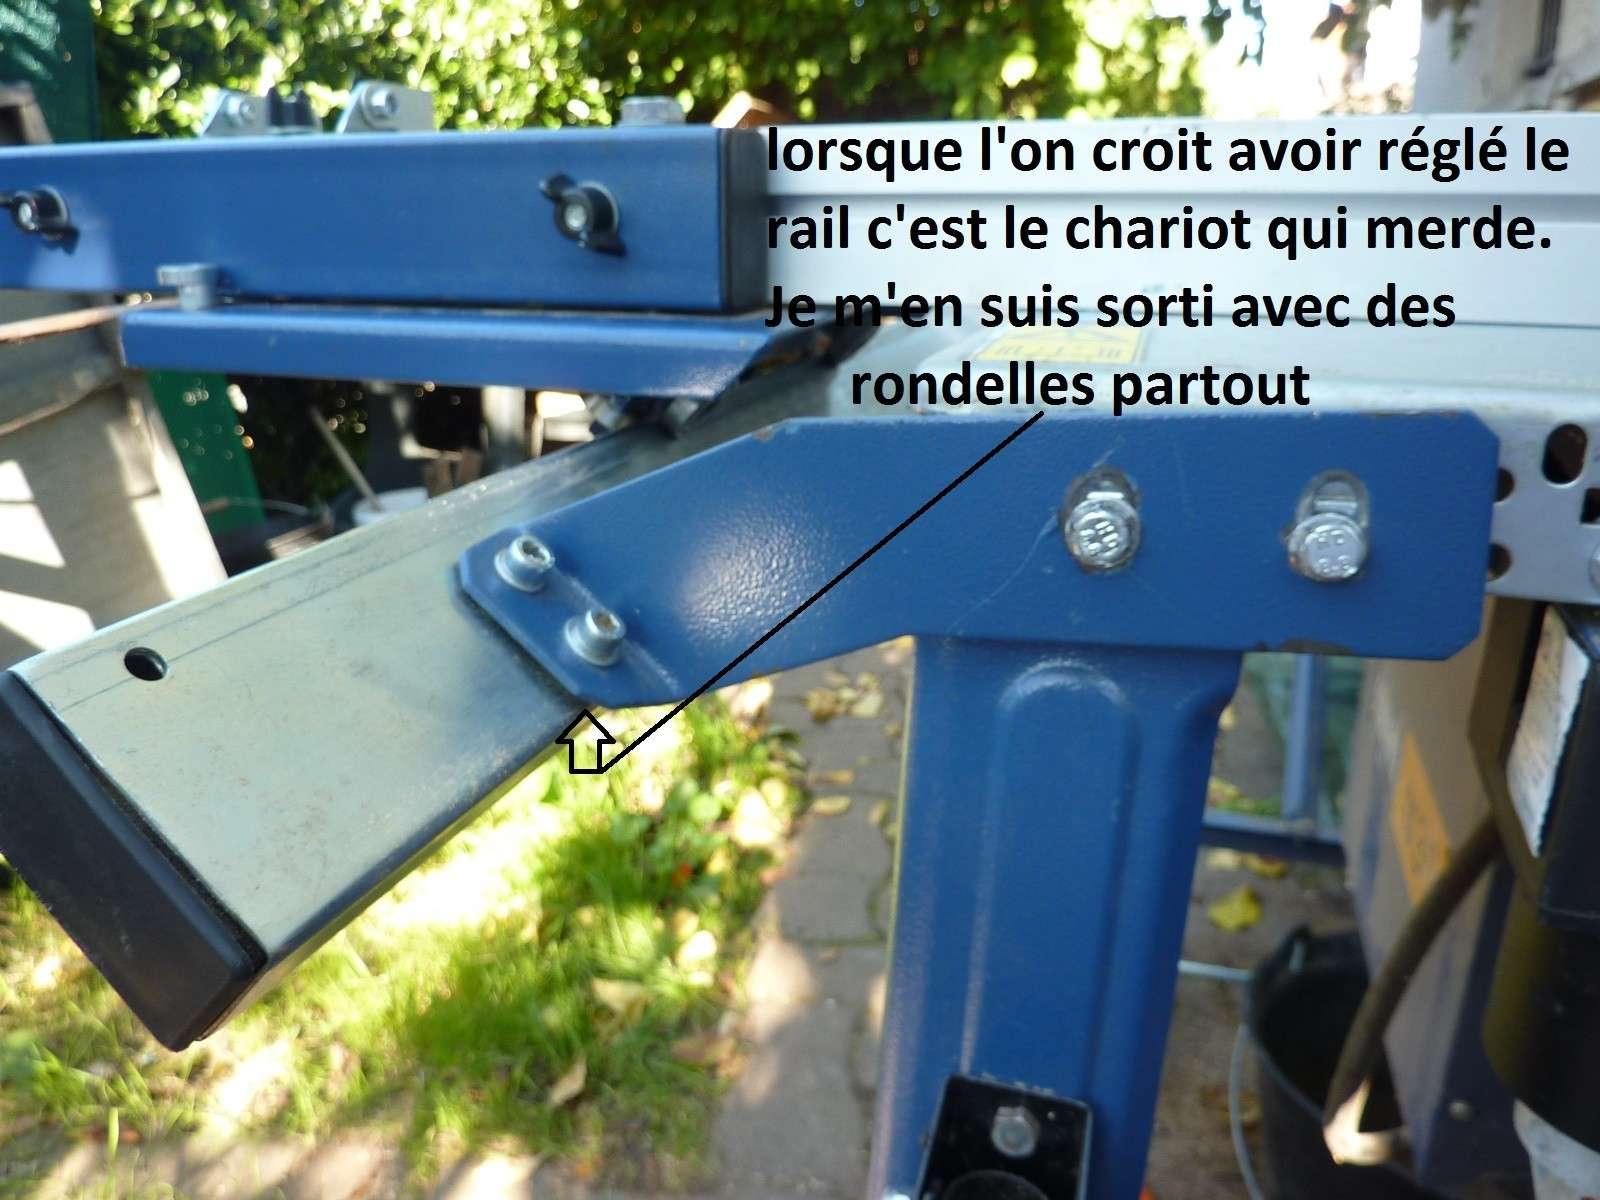 Photos detaillées du bras articulé/chariot/guide parallèle de ma scie circulaire kity 415 5_1_fi10